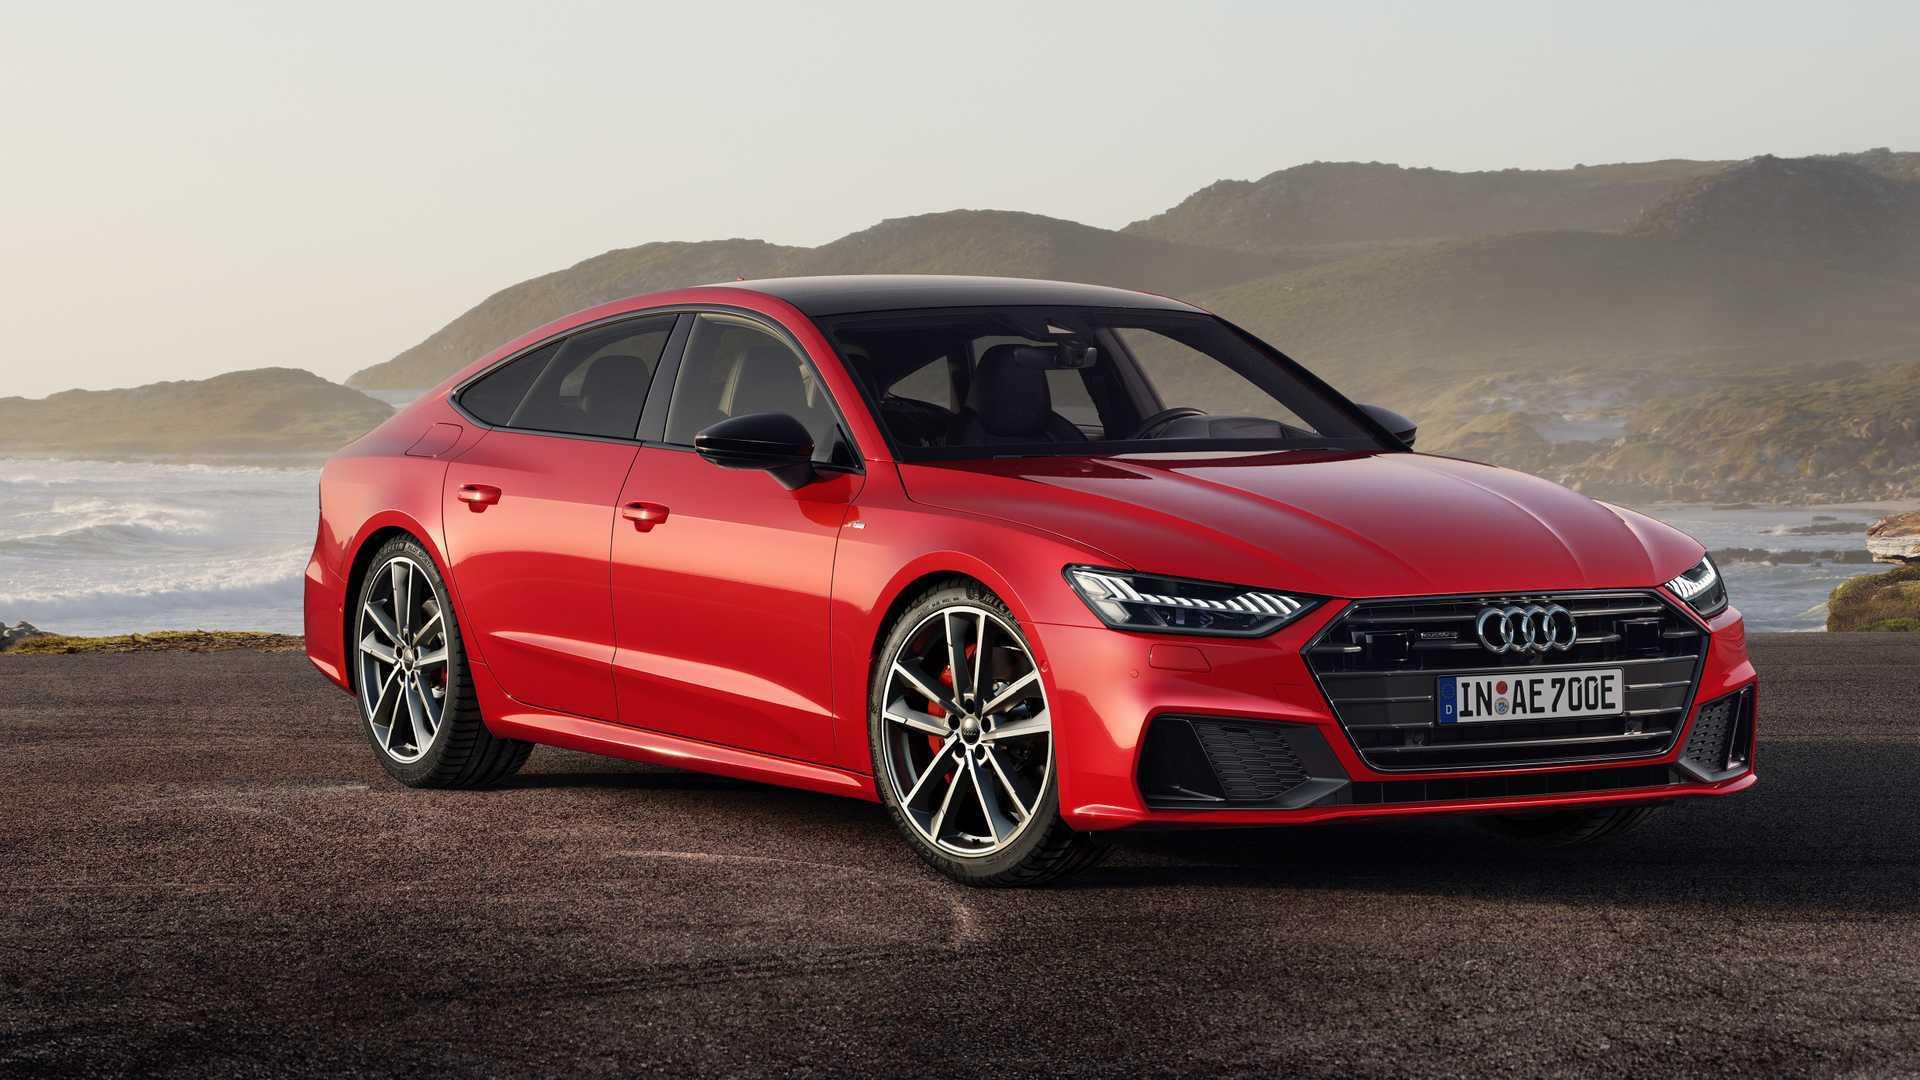 Kelebihan Kekurangan Audi A7 Quattro Murah Berkualitas